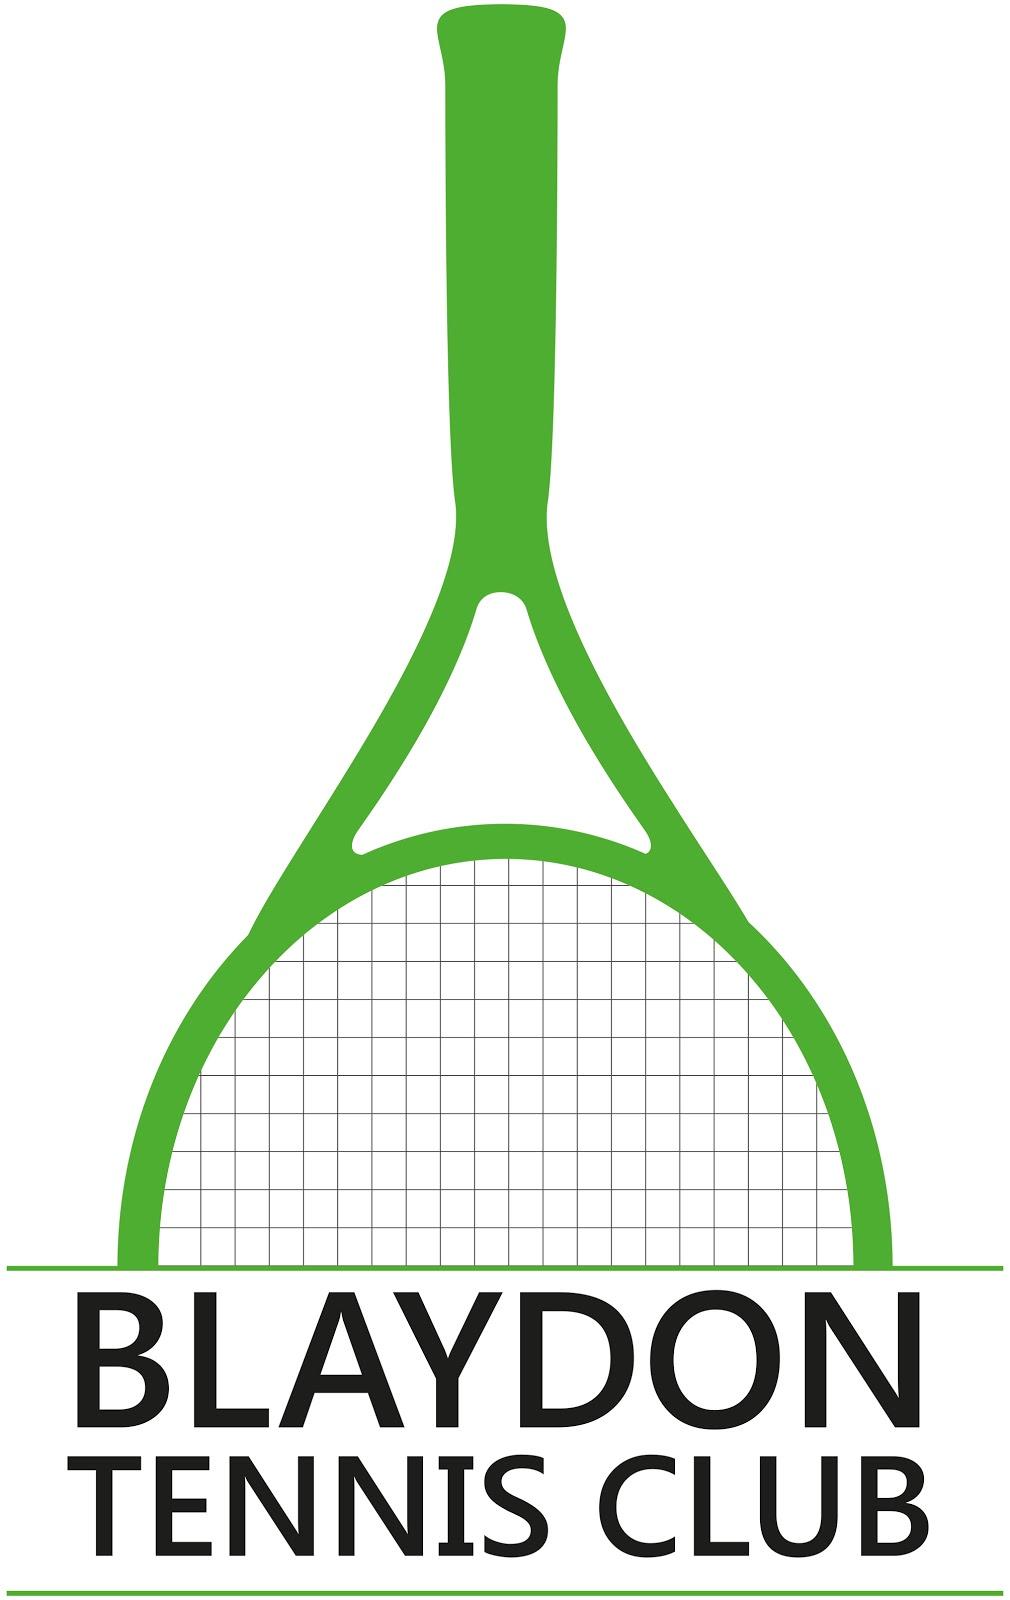 Tennis club logos